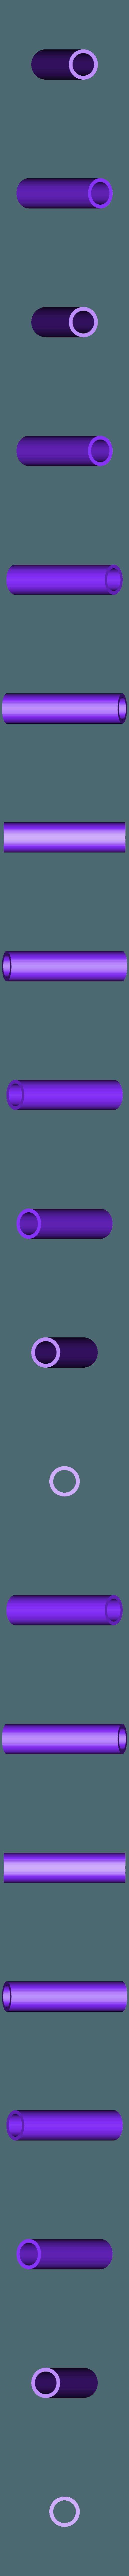 100mm_long_25mm_wide_tube.stl Télécharger fichier STL gratuit Sci-fi Réseau de tuyaux modulaire pour les paysages de wargaming • Objet à imprimer en 3D, redstarkits